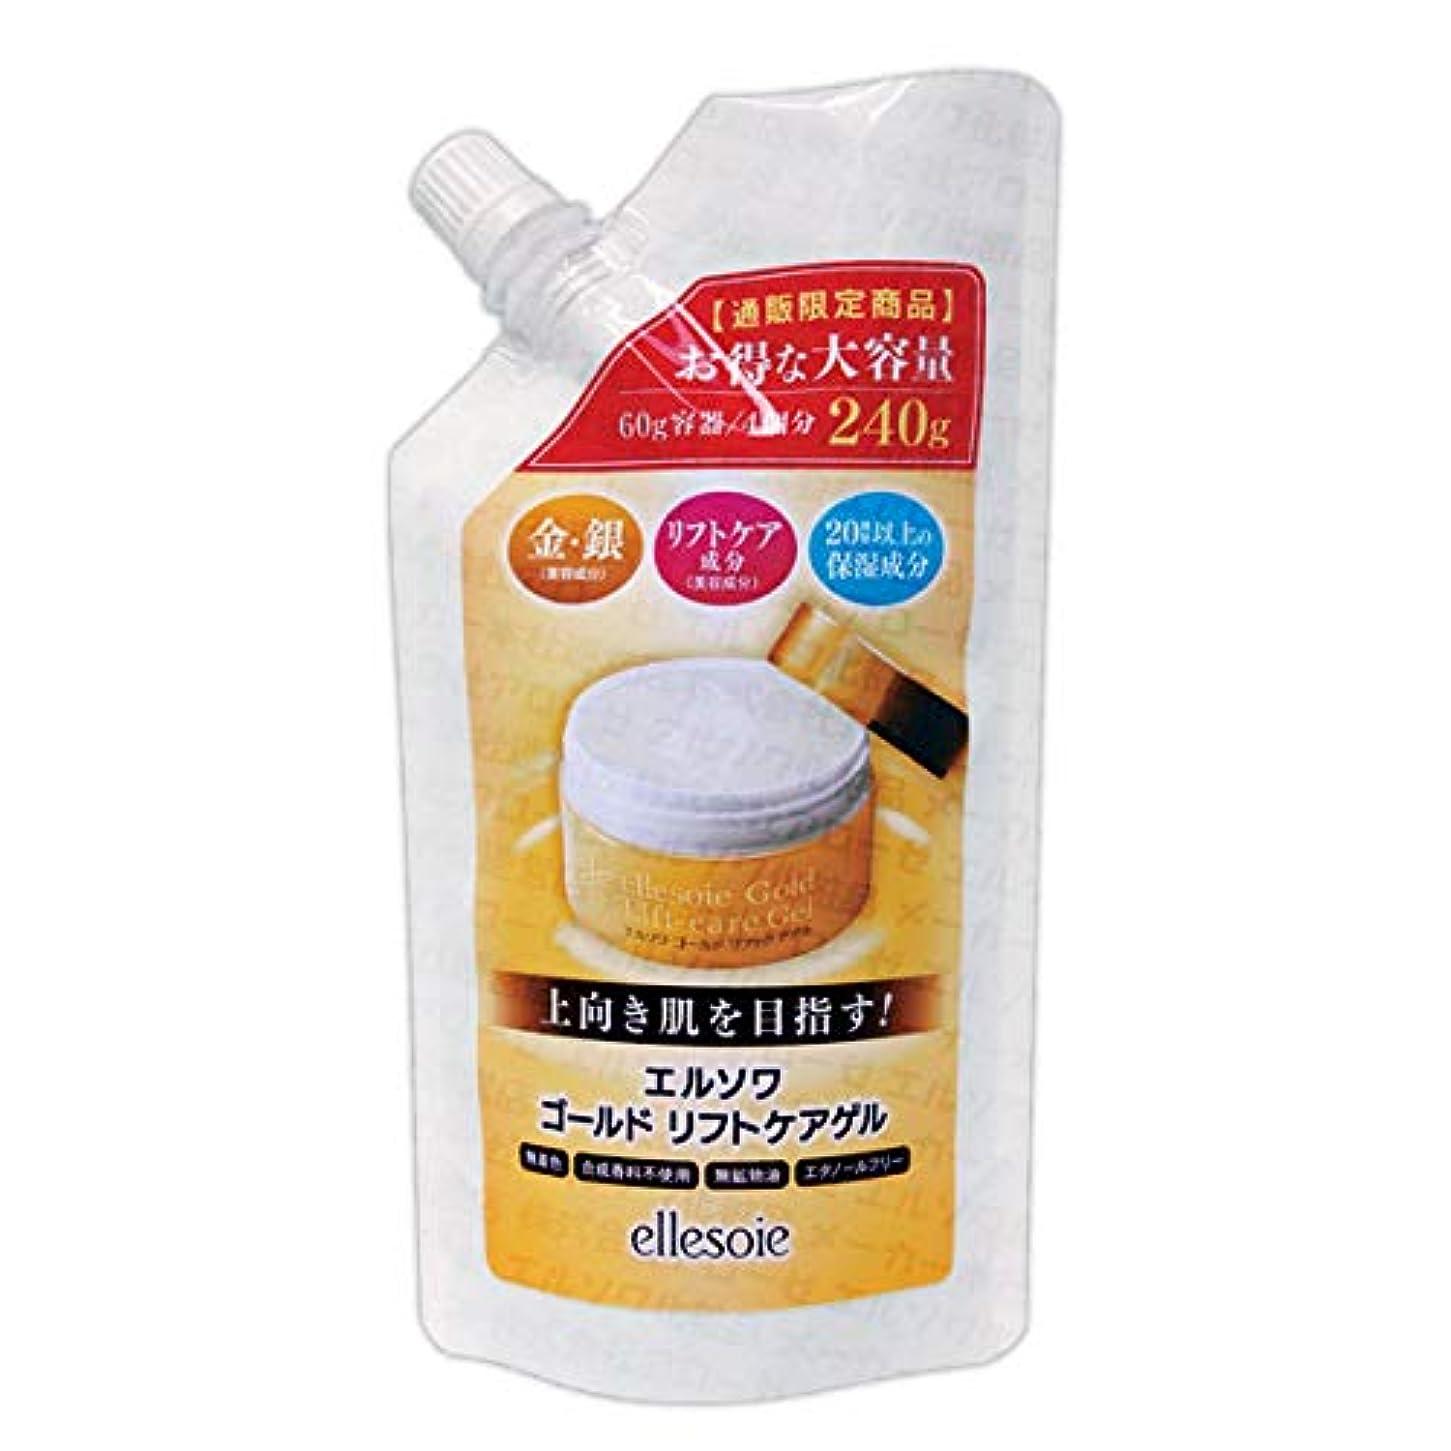 締め切りタヒチ高架エルソワ化粧品(ellesoie) ゴールドリフトケアゲル 年齢肌向けオールインワン (詰替用240g)